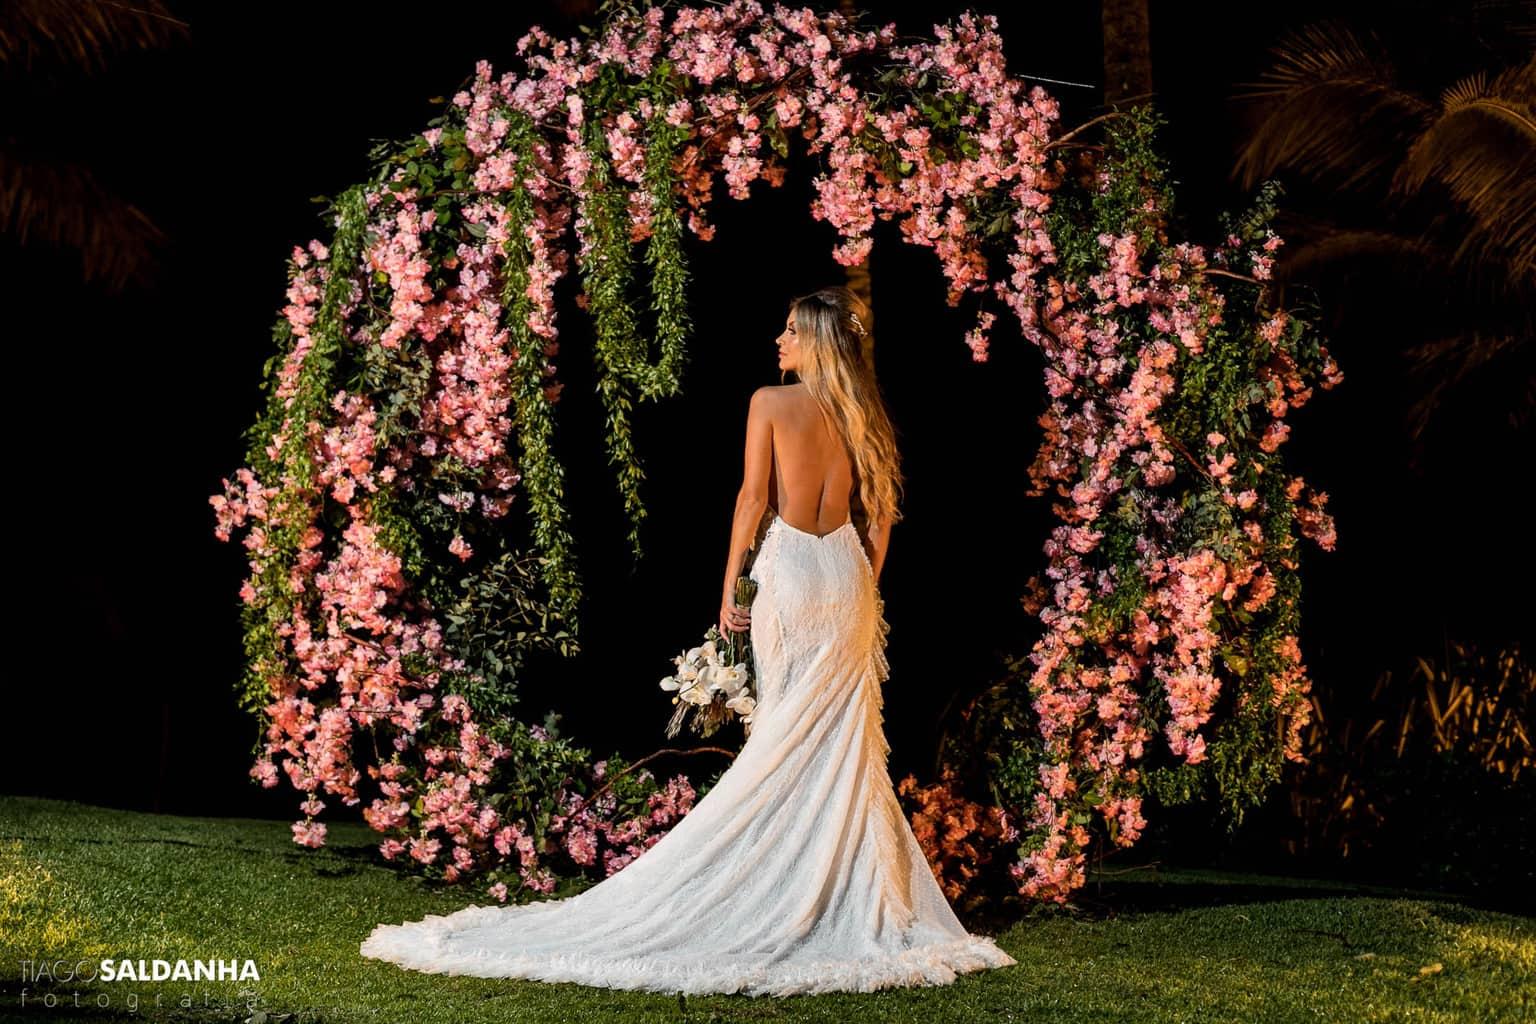 Aliança-no-Espelho-Casamento-Chandrélin-e-Laureano-cerimonia-na-praia-Chan-e-Lau-Rio-da-Barra32